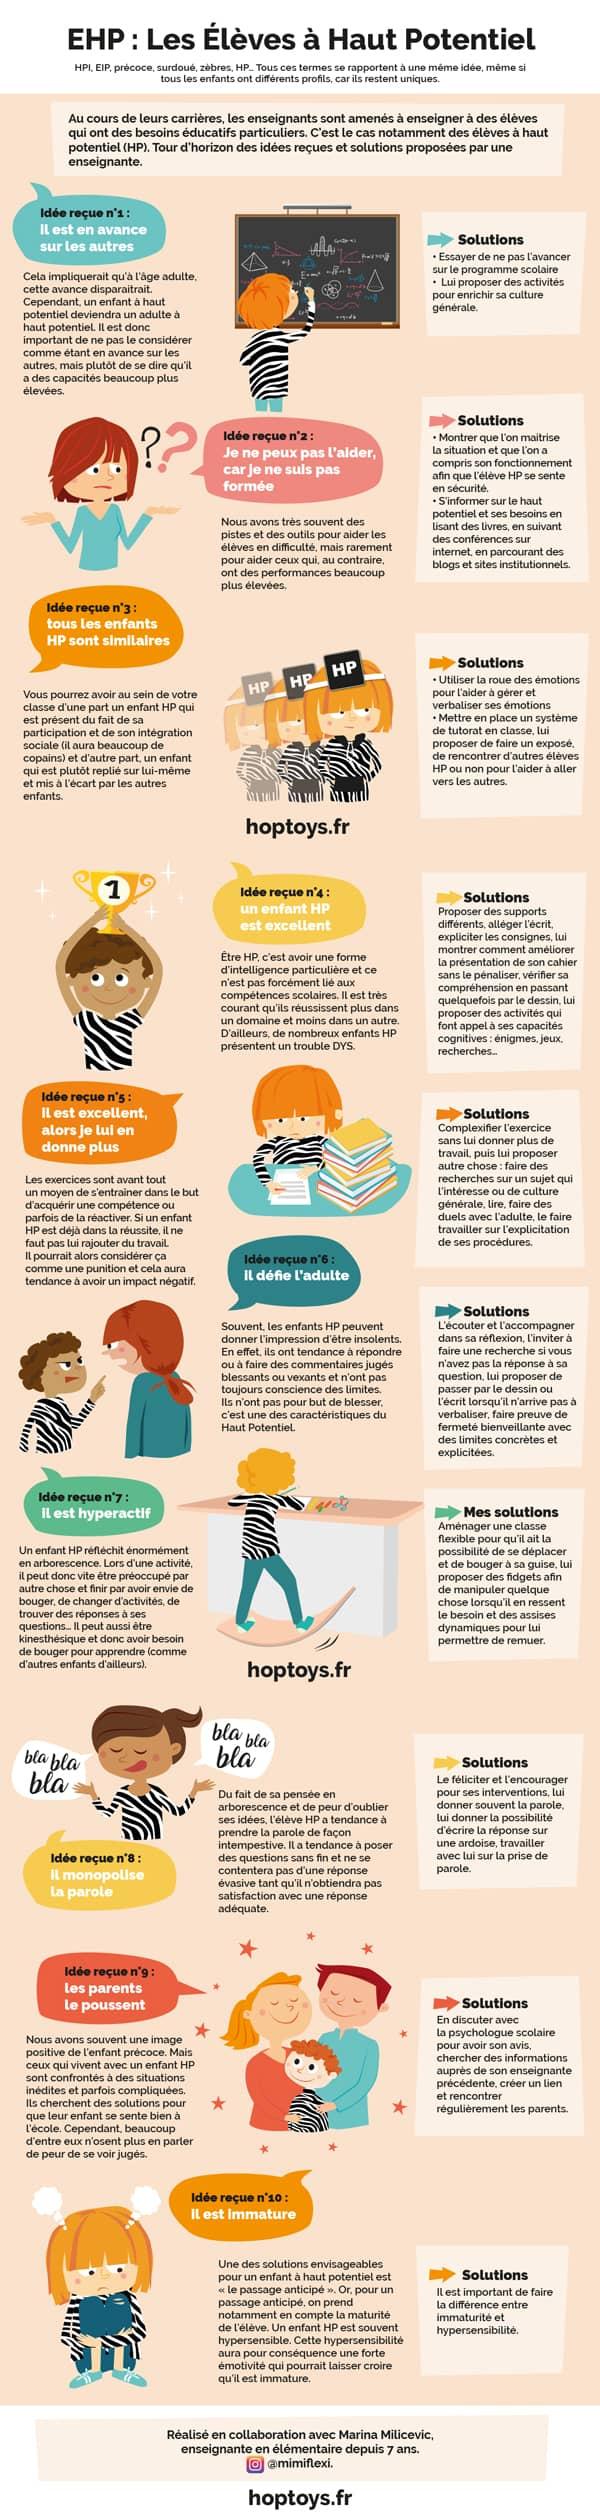 EHP : Les élèves à Haut Potentiel